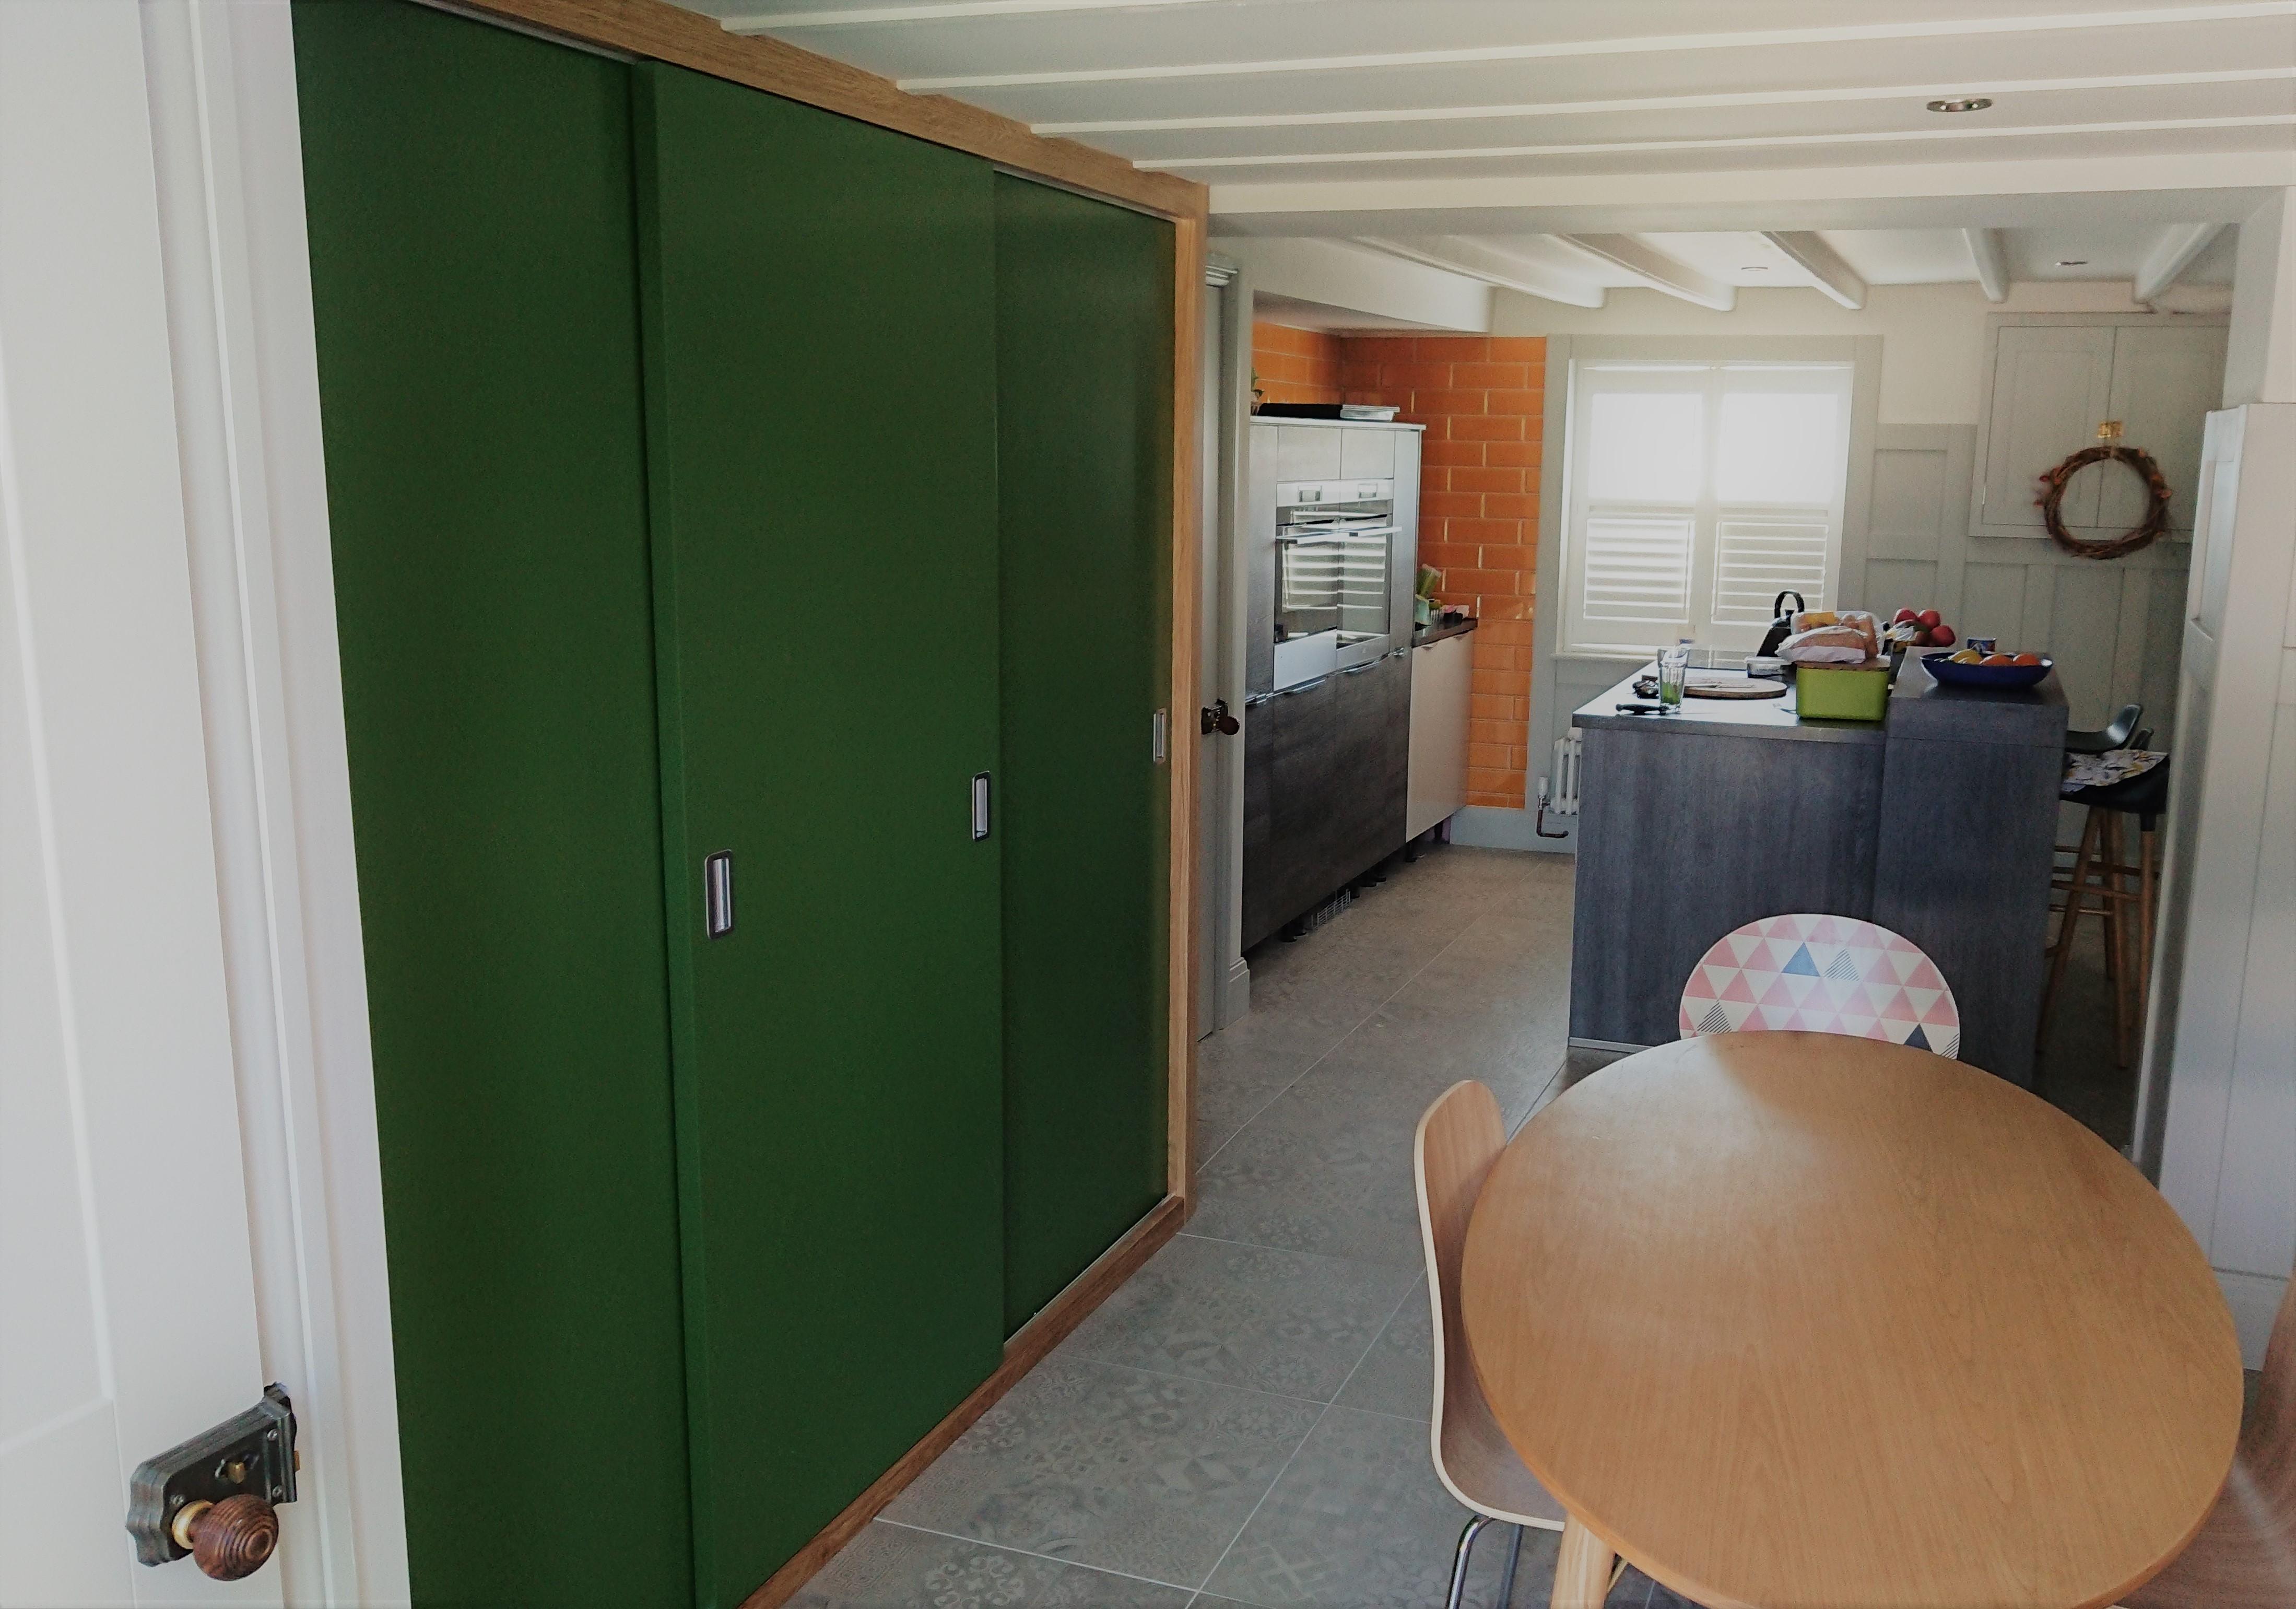 Appliance hideaway